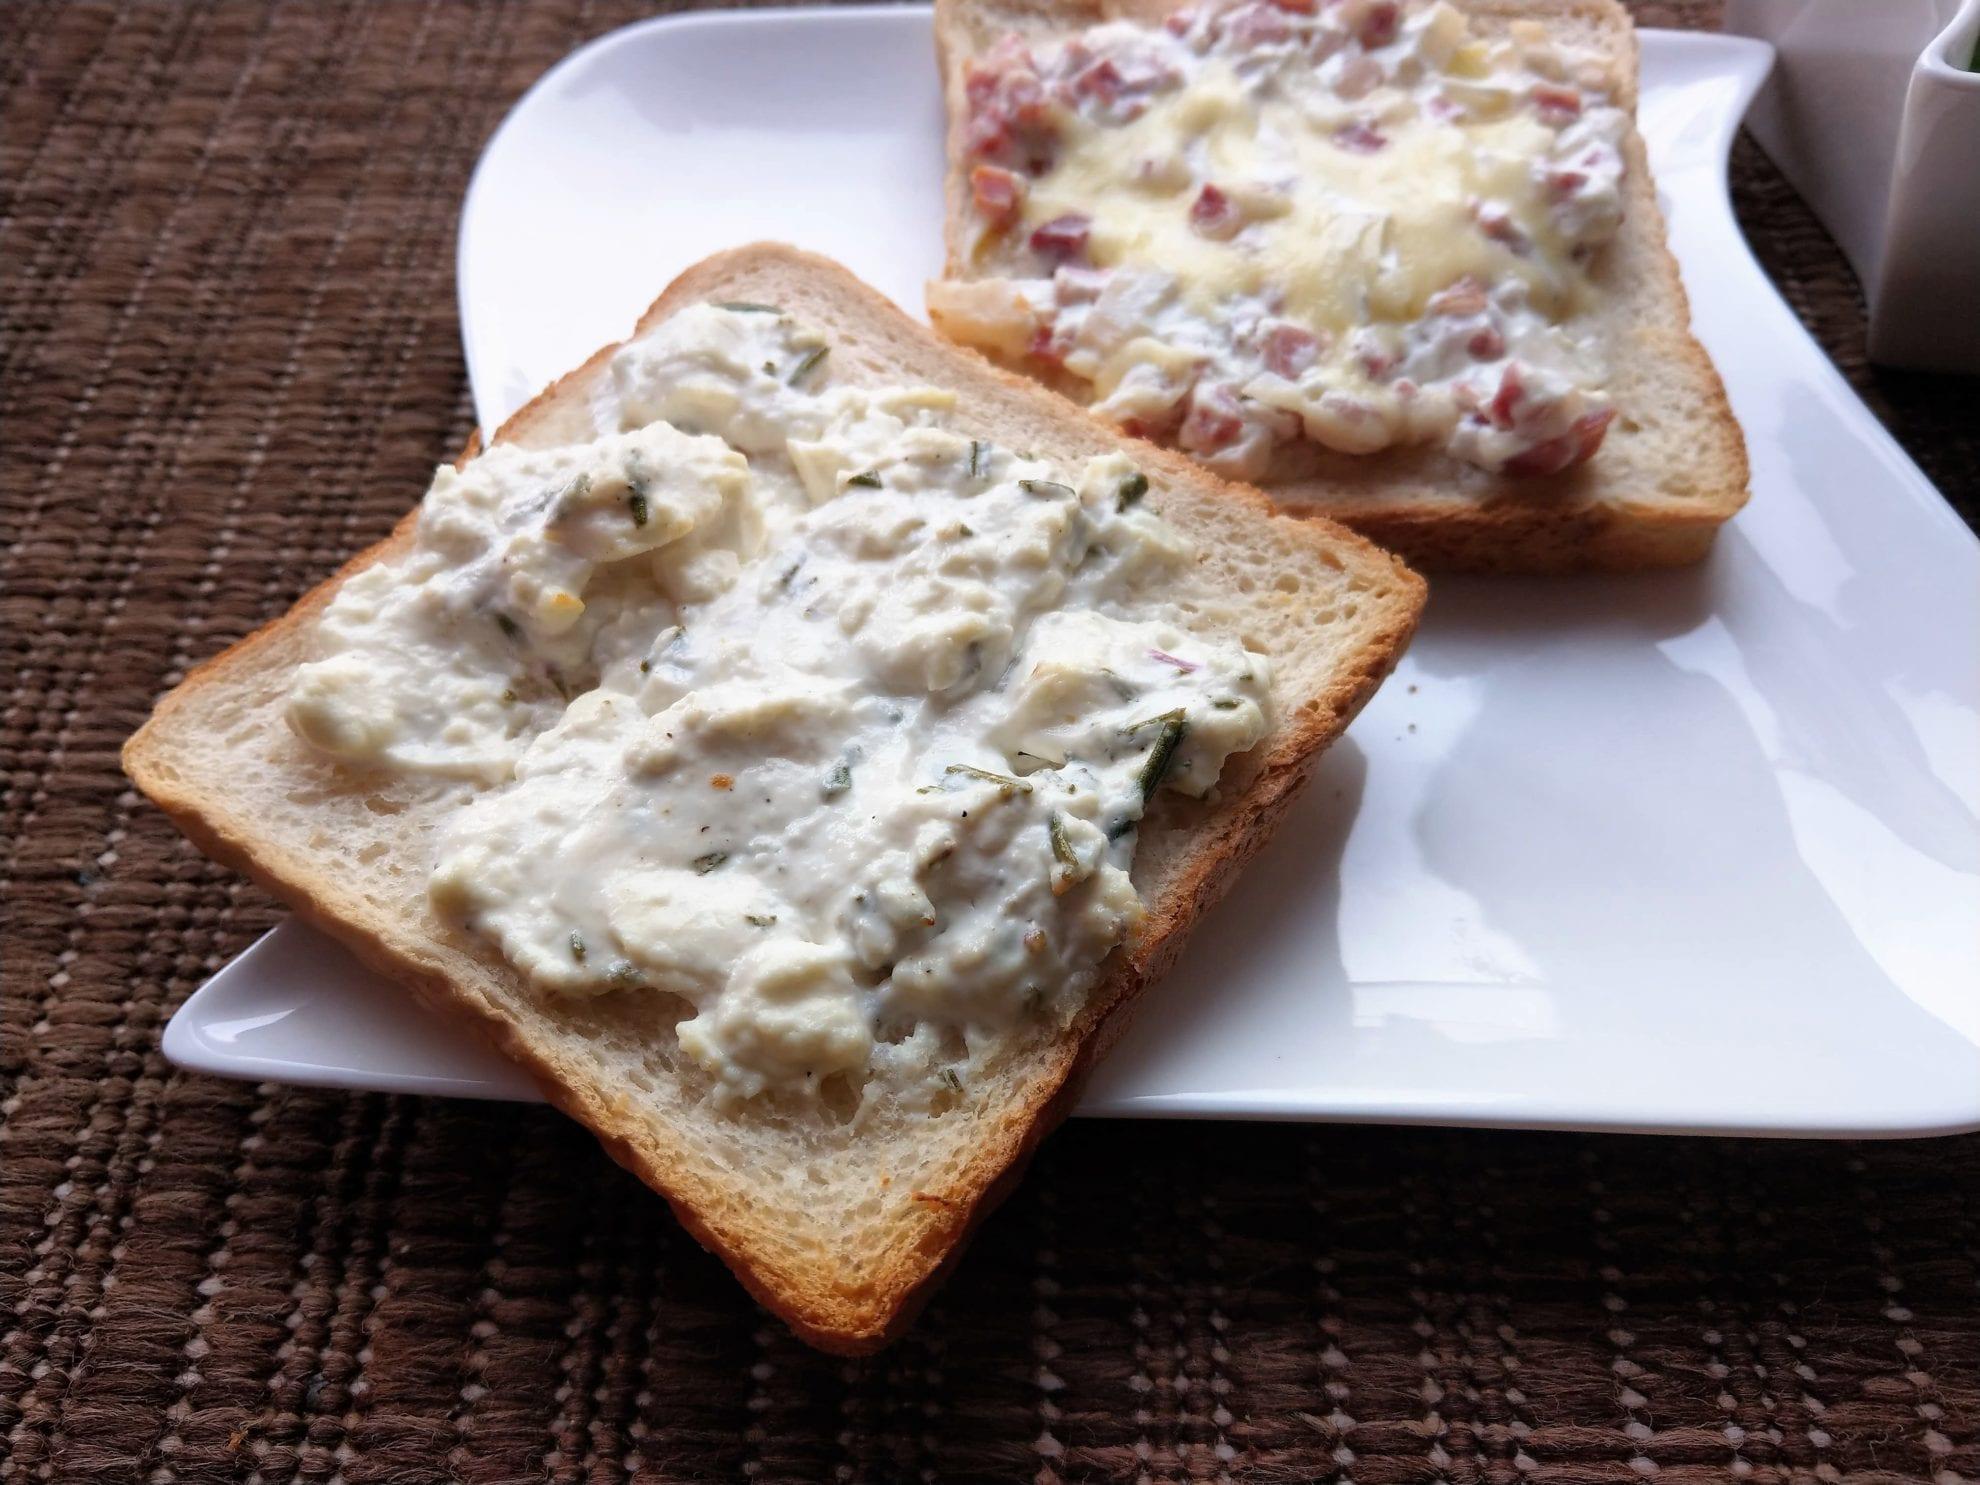 Mit Kindern kochen: Rezept für zweierlei Flammkuchentoast, einfach umzusetzen, geht schnell und schmeckt verdammt lecker. Auch als Partysnack.